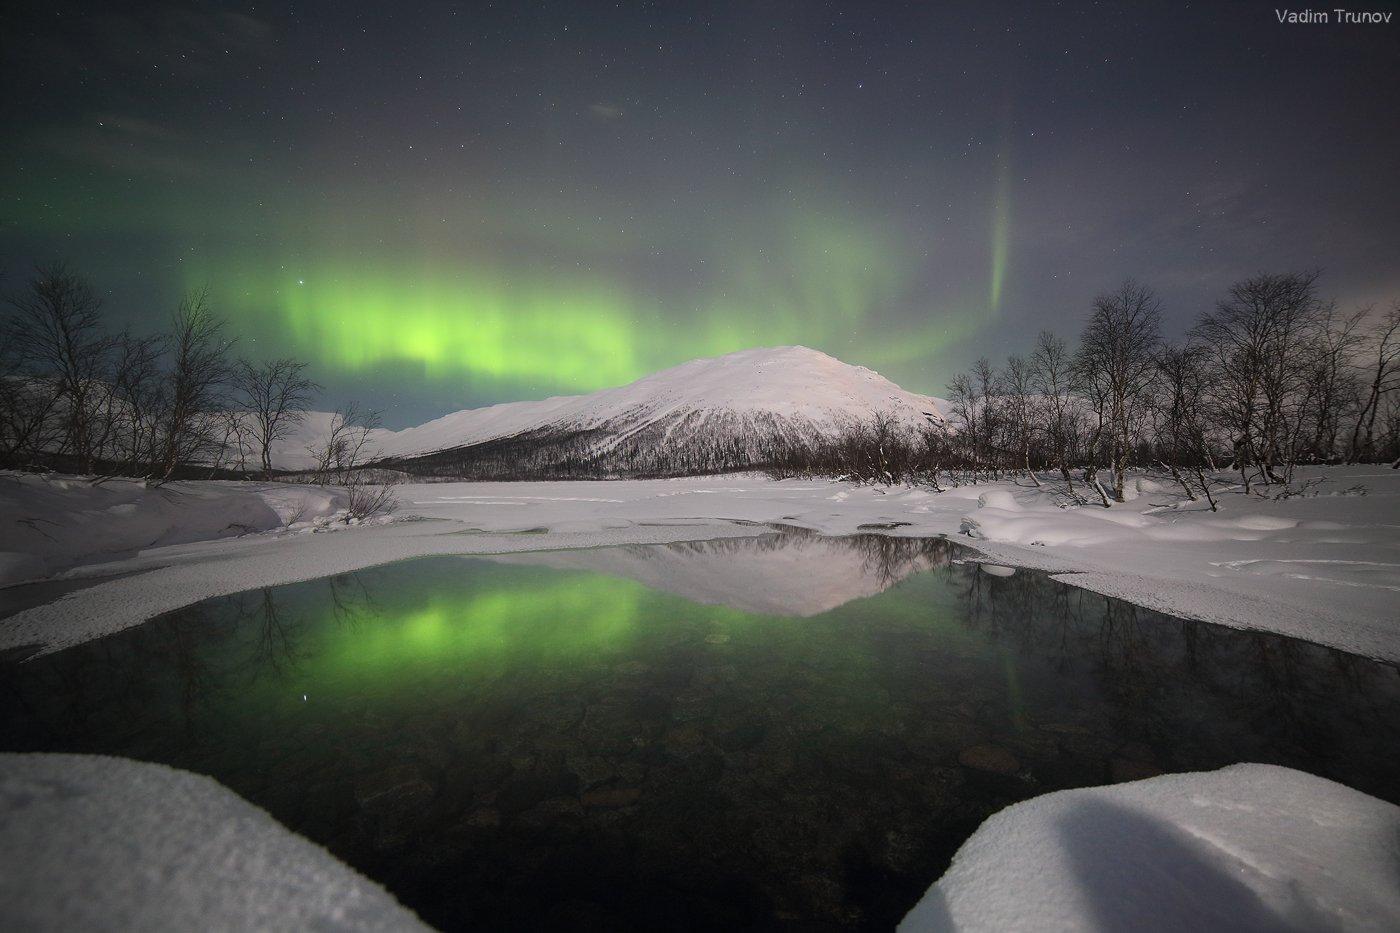 кольский, север, заполярье, хибины, северное сияние, aurora borealis, Вадим Трунов